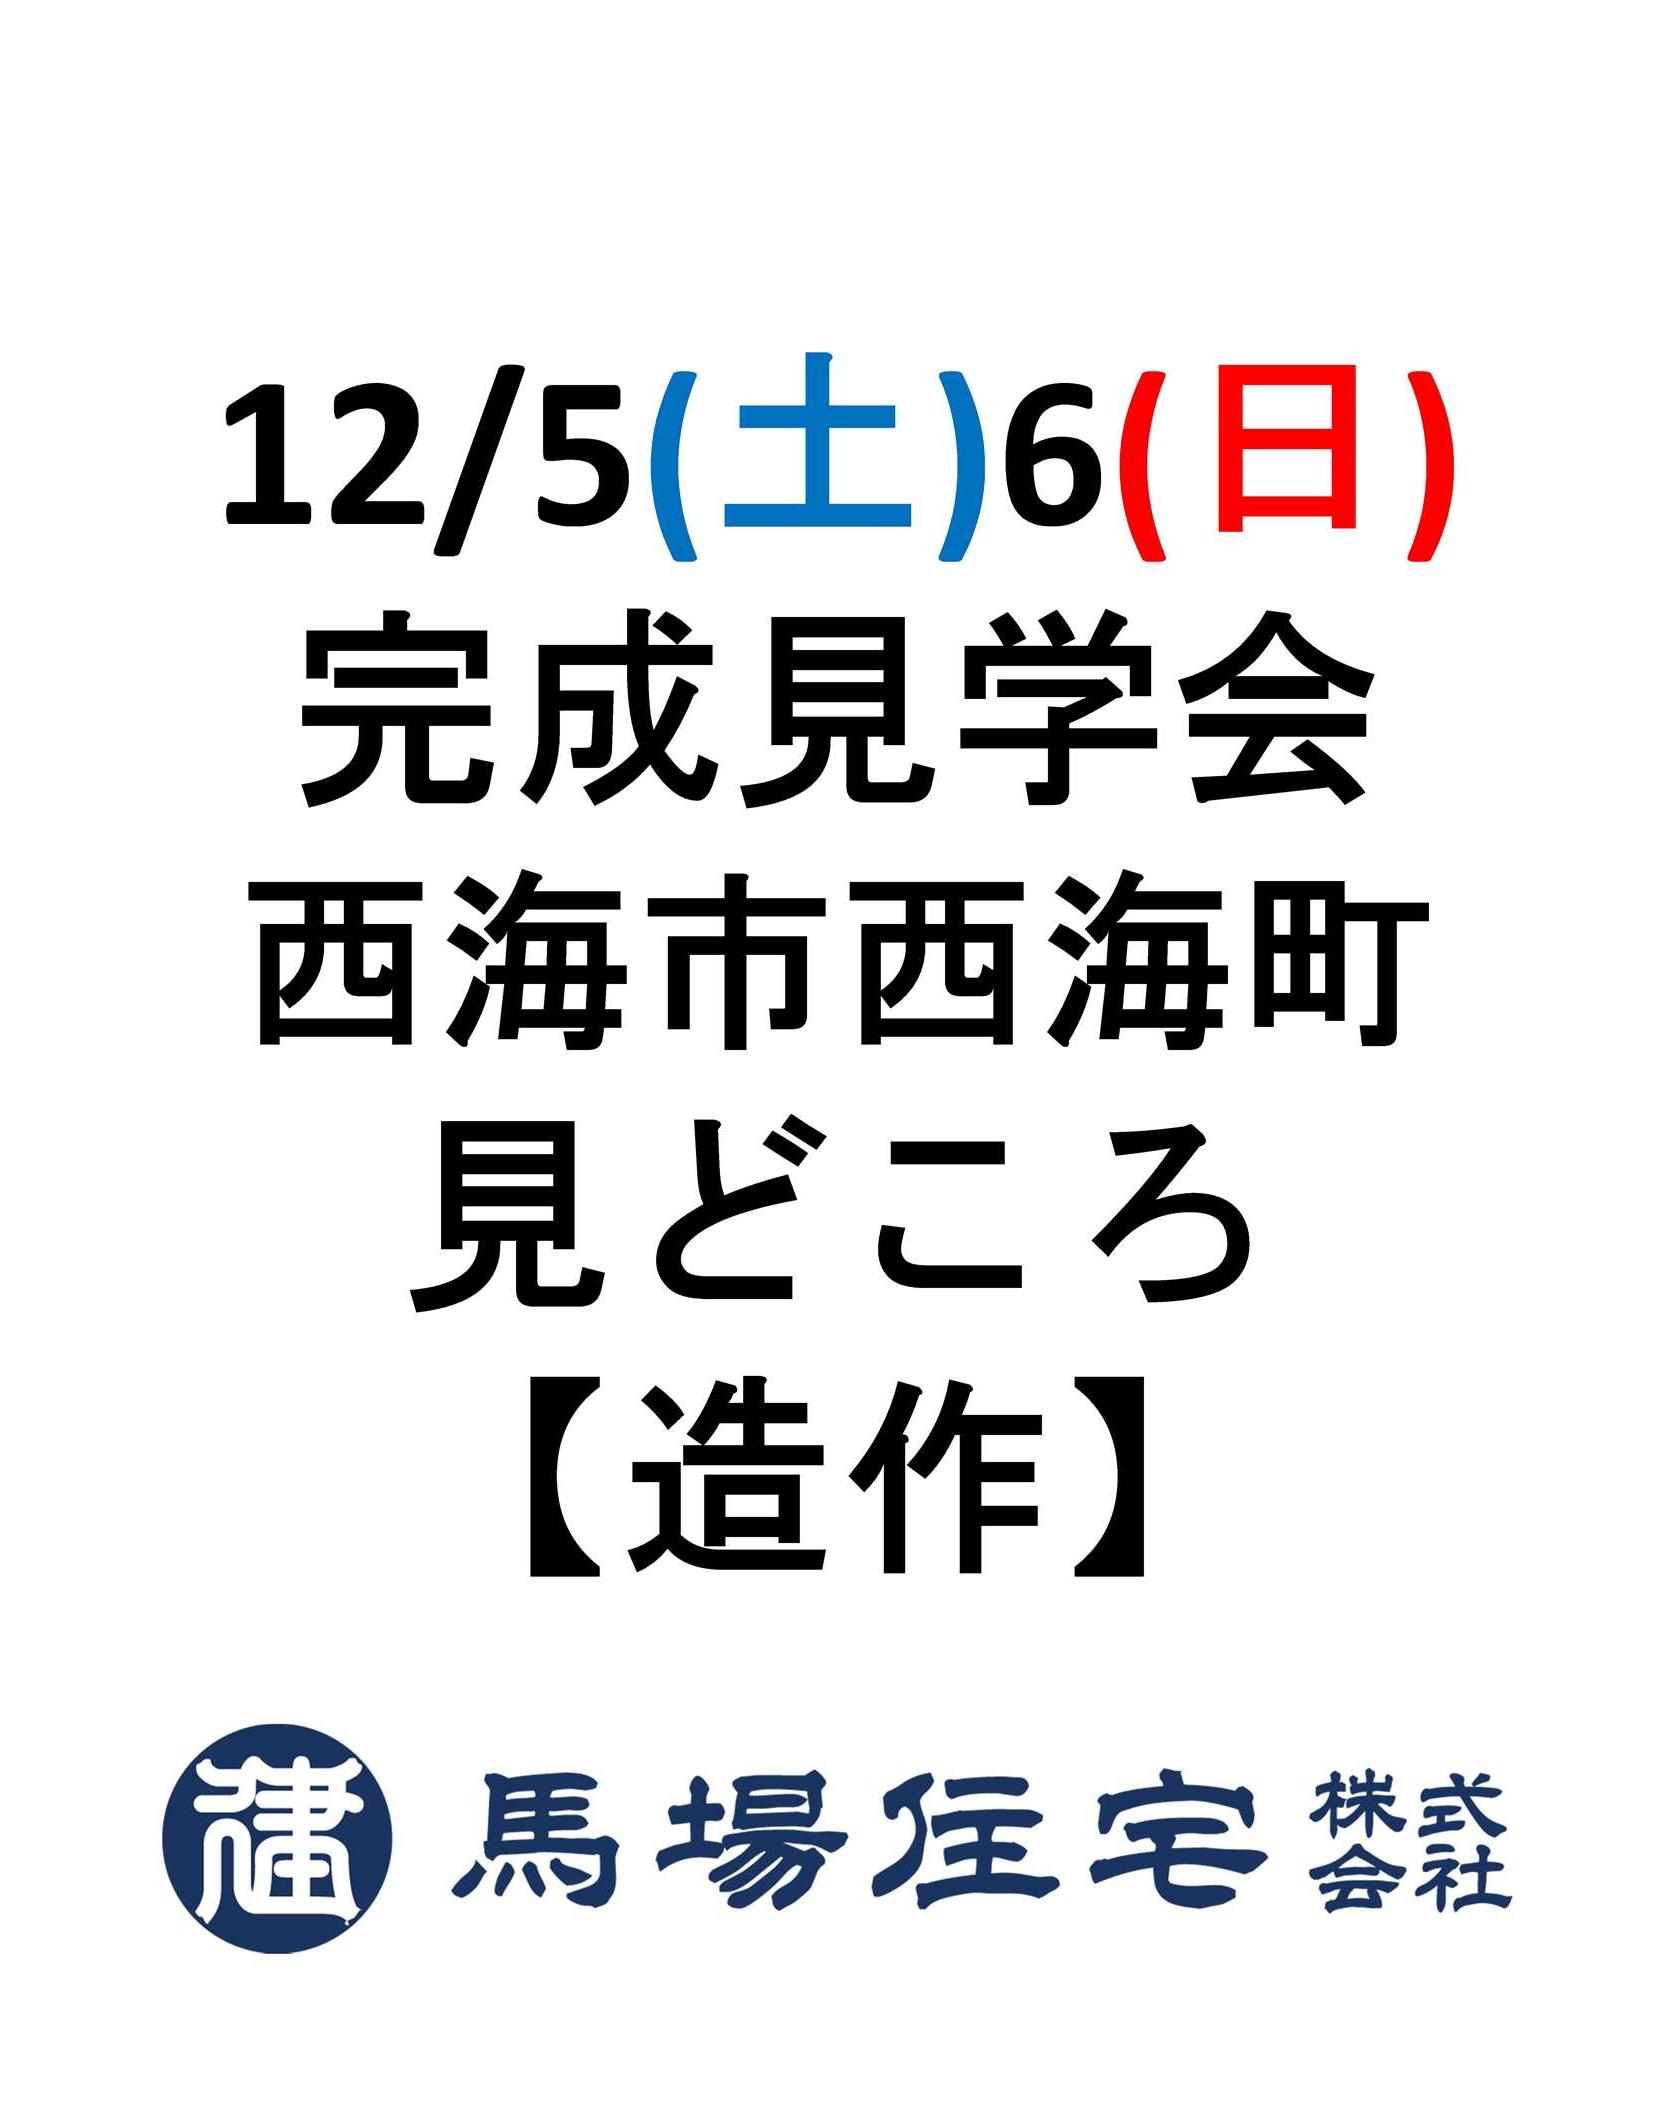 [insta]2020年最後の見学会12/5(土)6(日)西海市西海町ー ー ー ー ー ー ー ー ー ー ー ー ー ー ー【造作】木を活かす大工の醍醐味の一つ天井や建具をはじめ家具や丸太の利用など面白いです。馬場住宅株式会社長崎県大村市中里町418-14TEL 0957-54-3324メール info@babajuutaku.com@babajuutaku#babajuutakuホームページ【馬場住宅 】で 検索HPにも施工例あります。私たち#馬場住宅 は#長崎県 #大村市 の#工務店 です。施工エリアは長崎県内全域にて#新築 #注文住宅 #一戸建て を中心に建ててます。みなさんの夢の#マイホーム を造っている会社です。最近では#リノベーション #リフォーム#古民家再生 #二世帯住宅 #平屋 の依頼を多く頂いています。馬場住宅が建てる家#社員大工 が造る3つのスタイルで建てています。#和洋折衷#優しい家 #安らぐ家#現代和風#現し #無骨 #板張り #無垢#純和風#和室 #床の間 #磨き丸太#zeh #長期優良住宅=================馬場住宅の家づくり小さな工務店ですが、大工20名は全員社員として在籍技術には定評があり木の家専門の大工工務店として地元に根強い会社です。性能と自然素材で安心安全と信頼の住まいをつくります。資料請求はインスタ又はHP内の「お問合せ」からどうぞ@babajuutakuホームページは【馬場住宅 】で 検索#木あそび